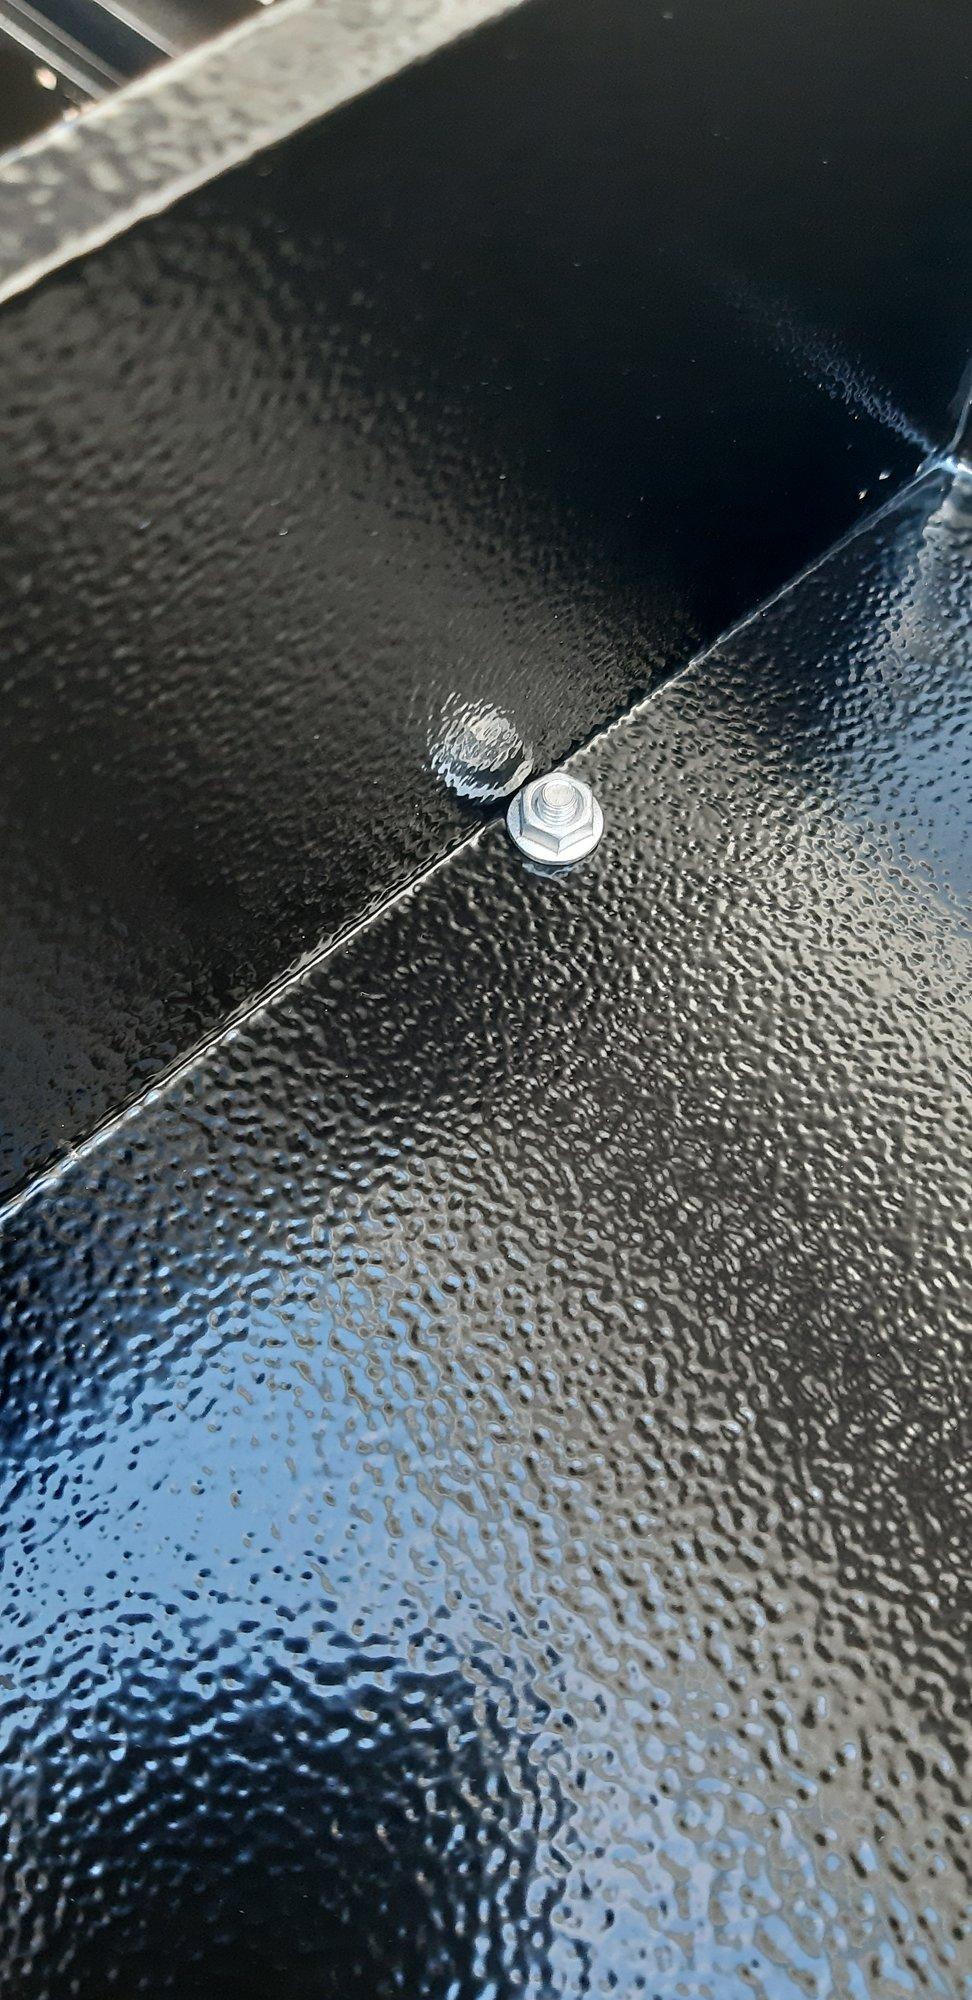 Detail Schublage Schraube.jpg